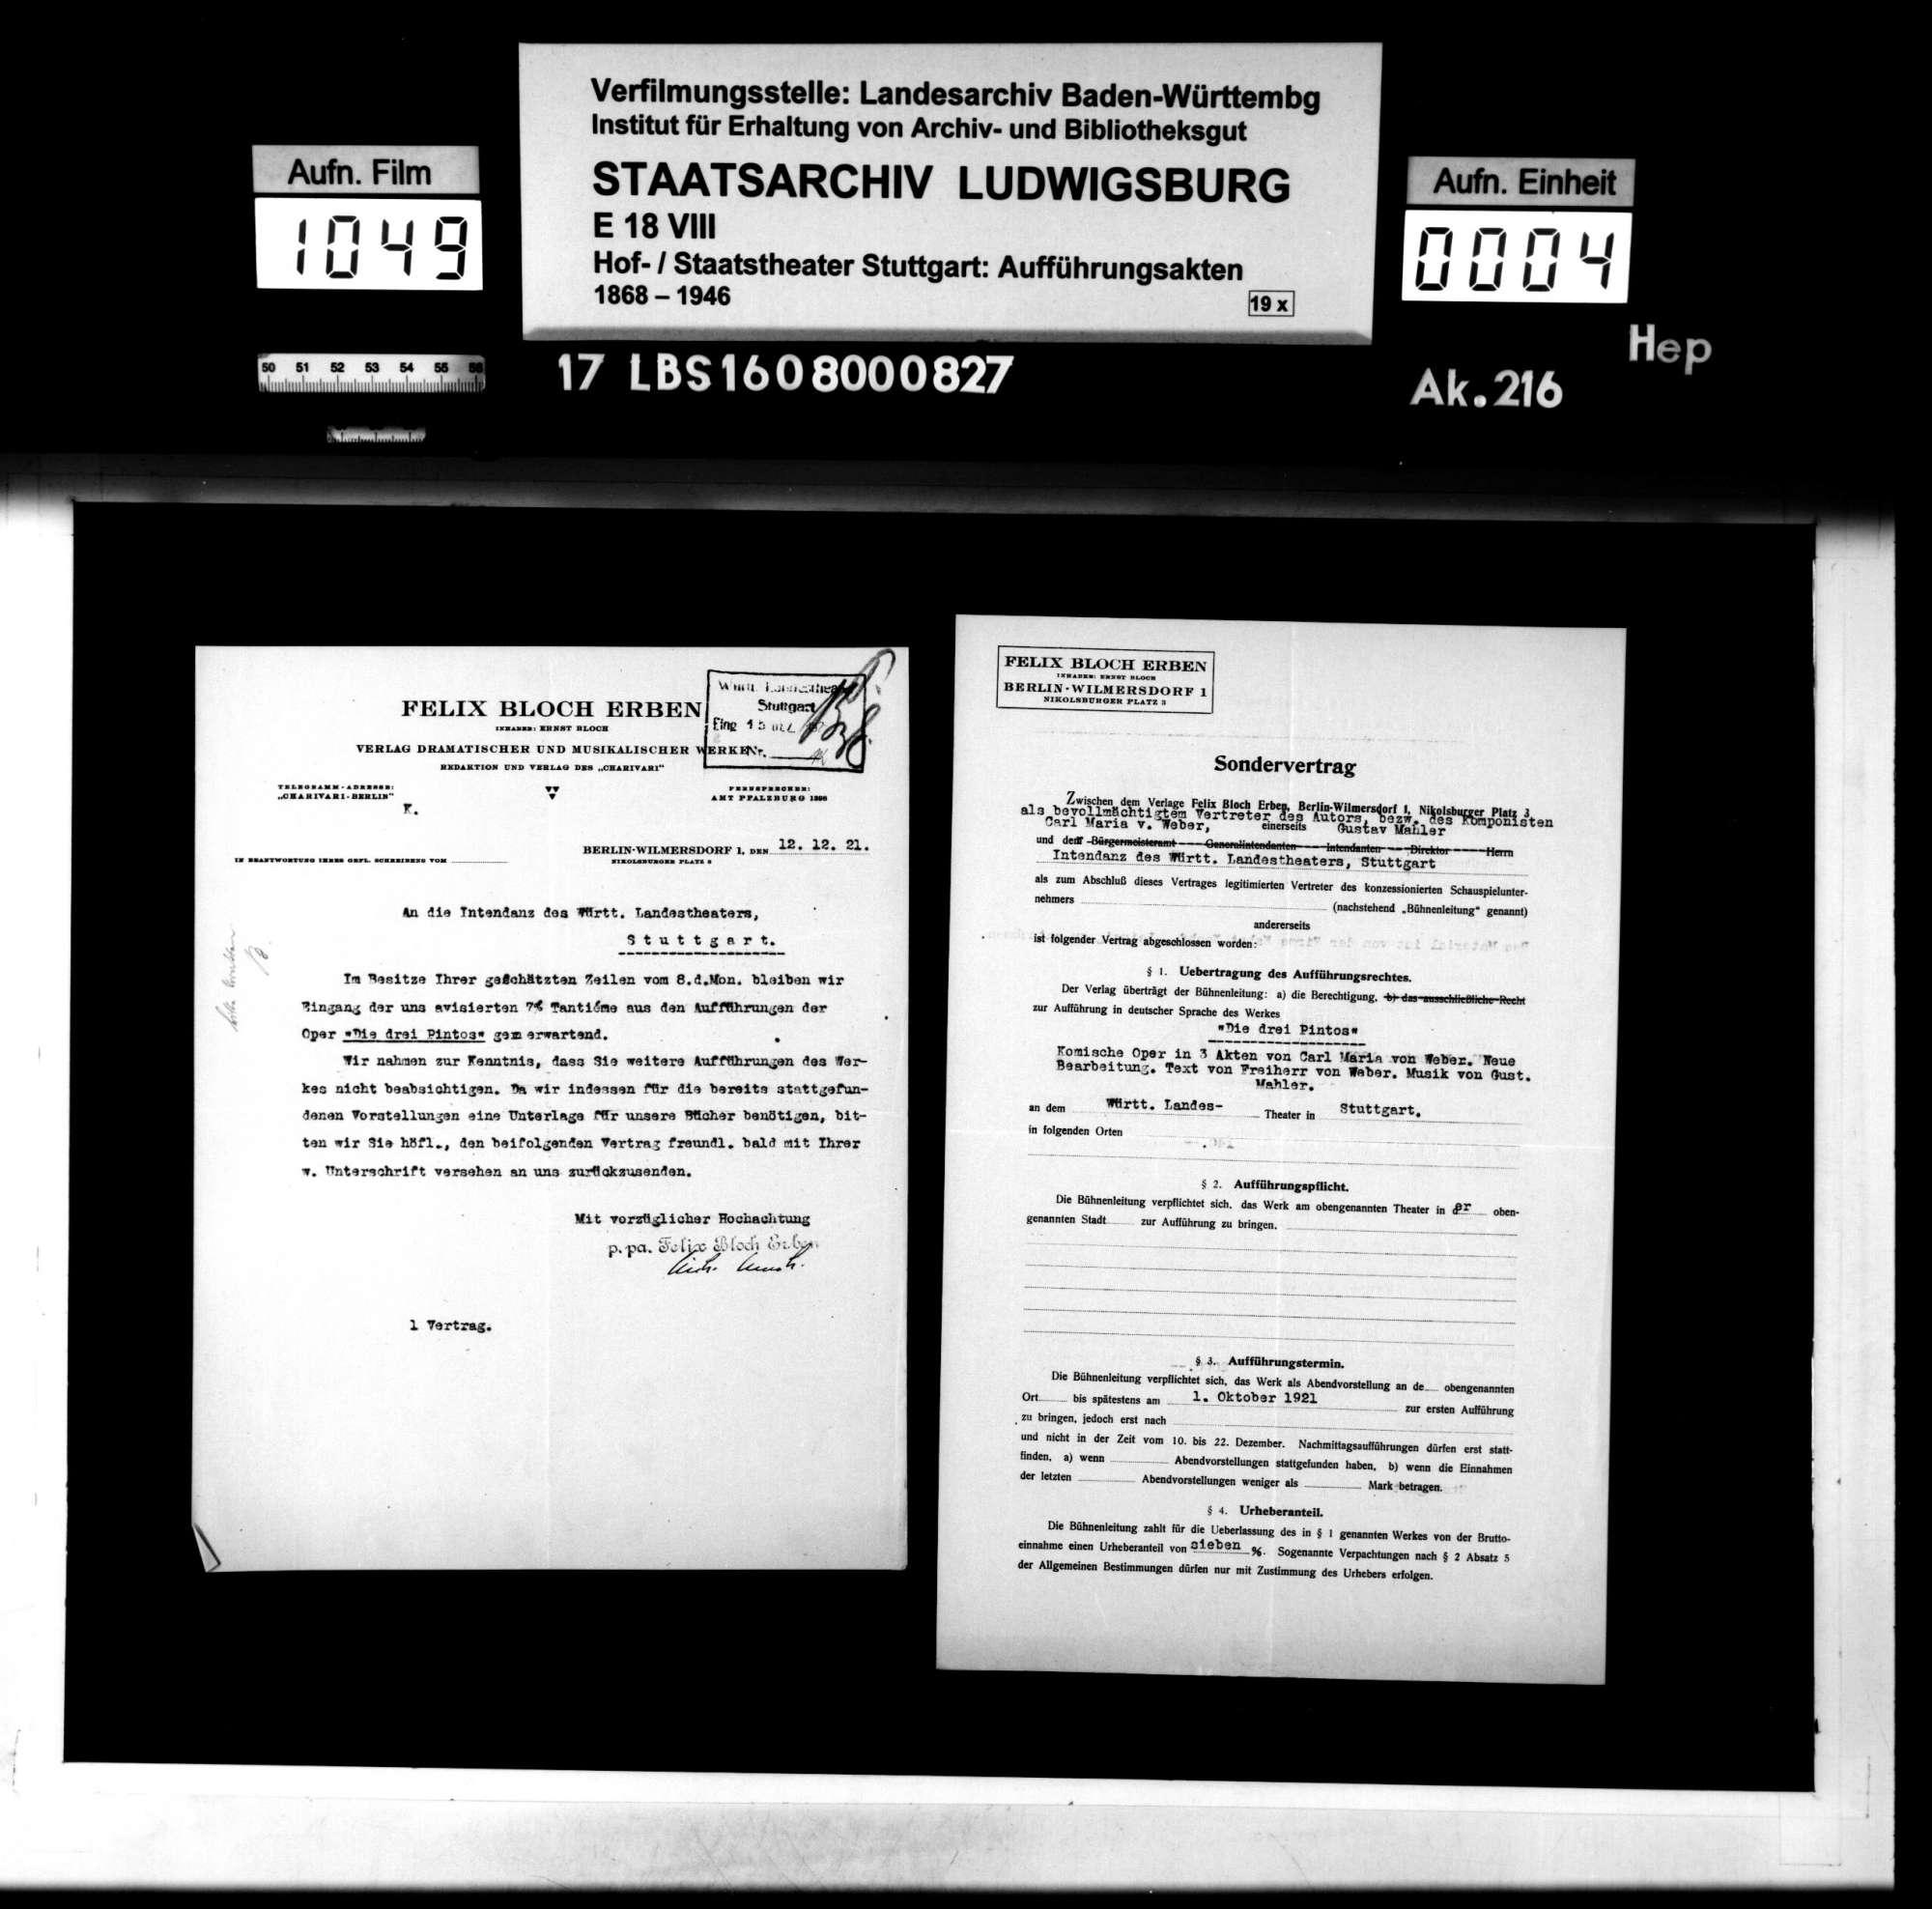 Die drei Pintos. Komische Oper von Carl Maria von Weber. Neue Bearbeitung: Karl von Weber. Musik: Gustav Mahler, Bild 3